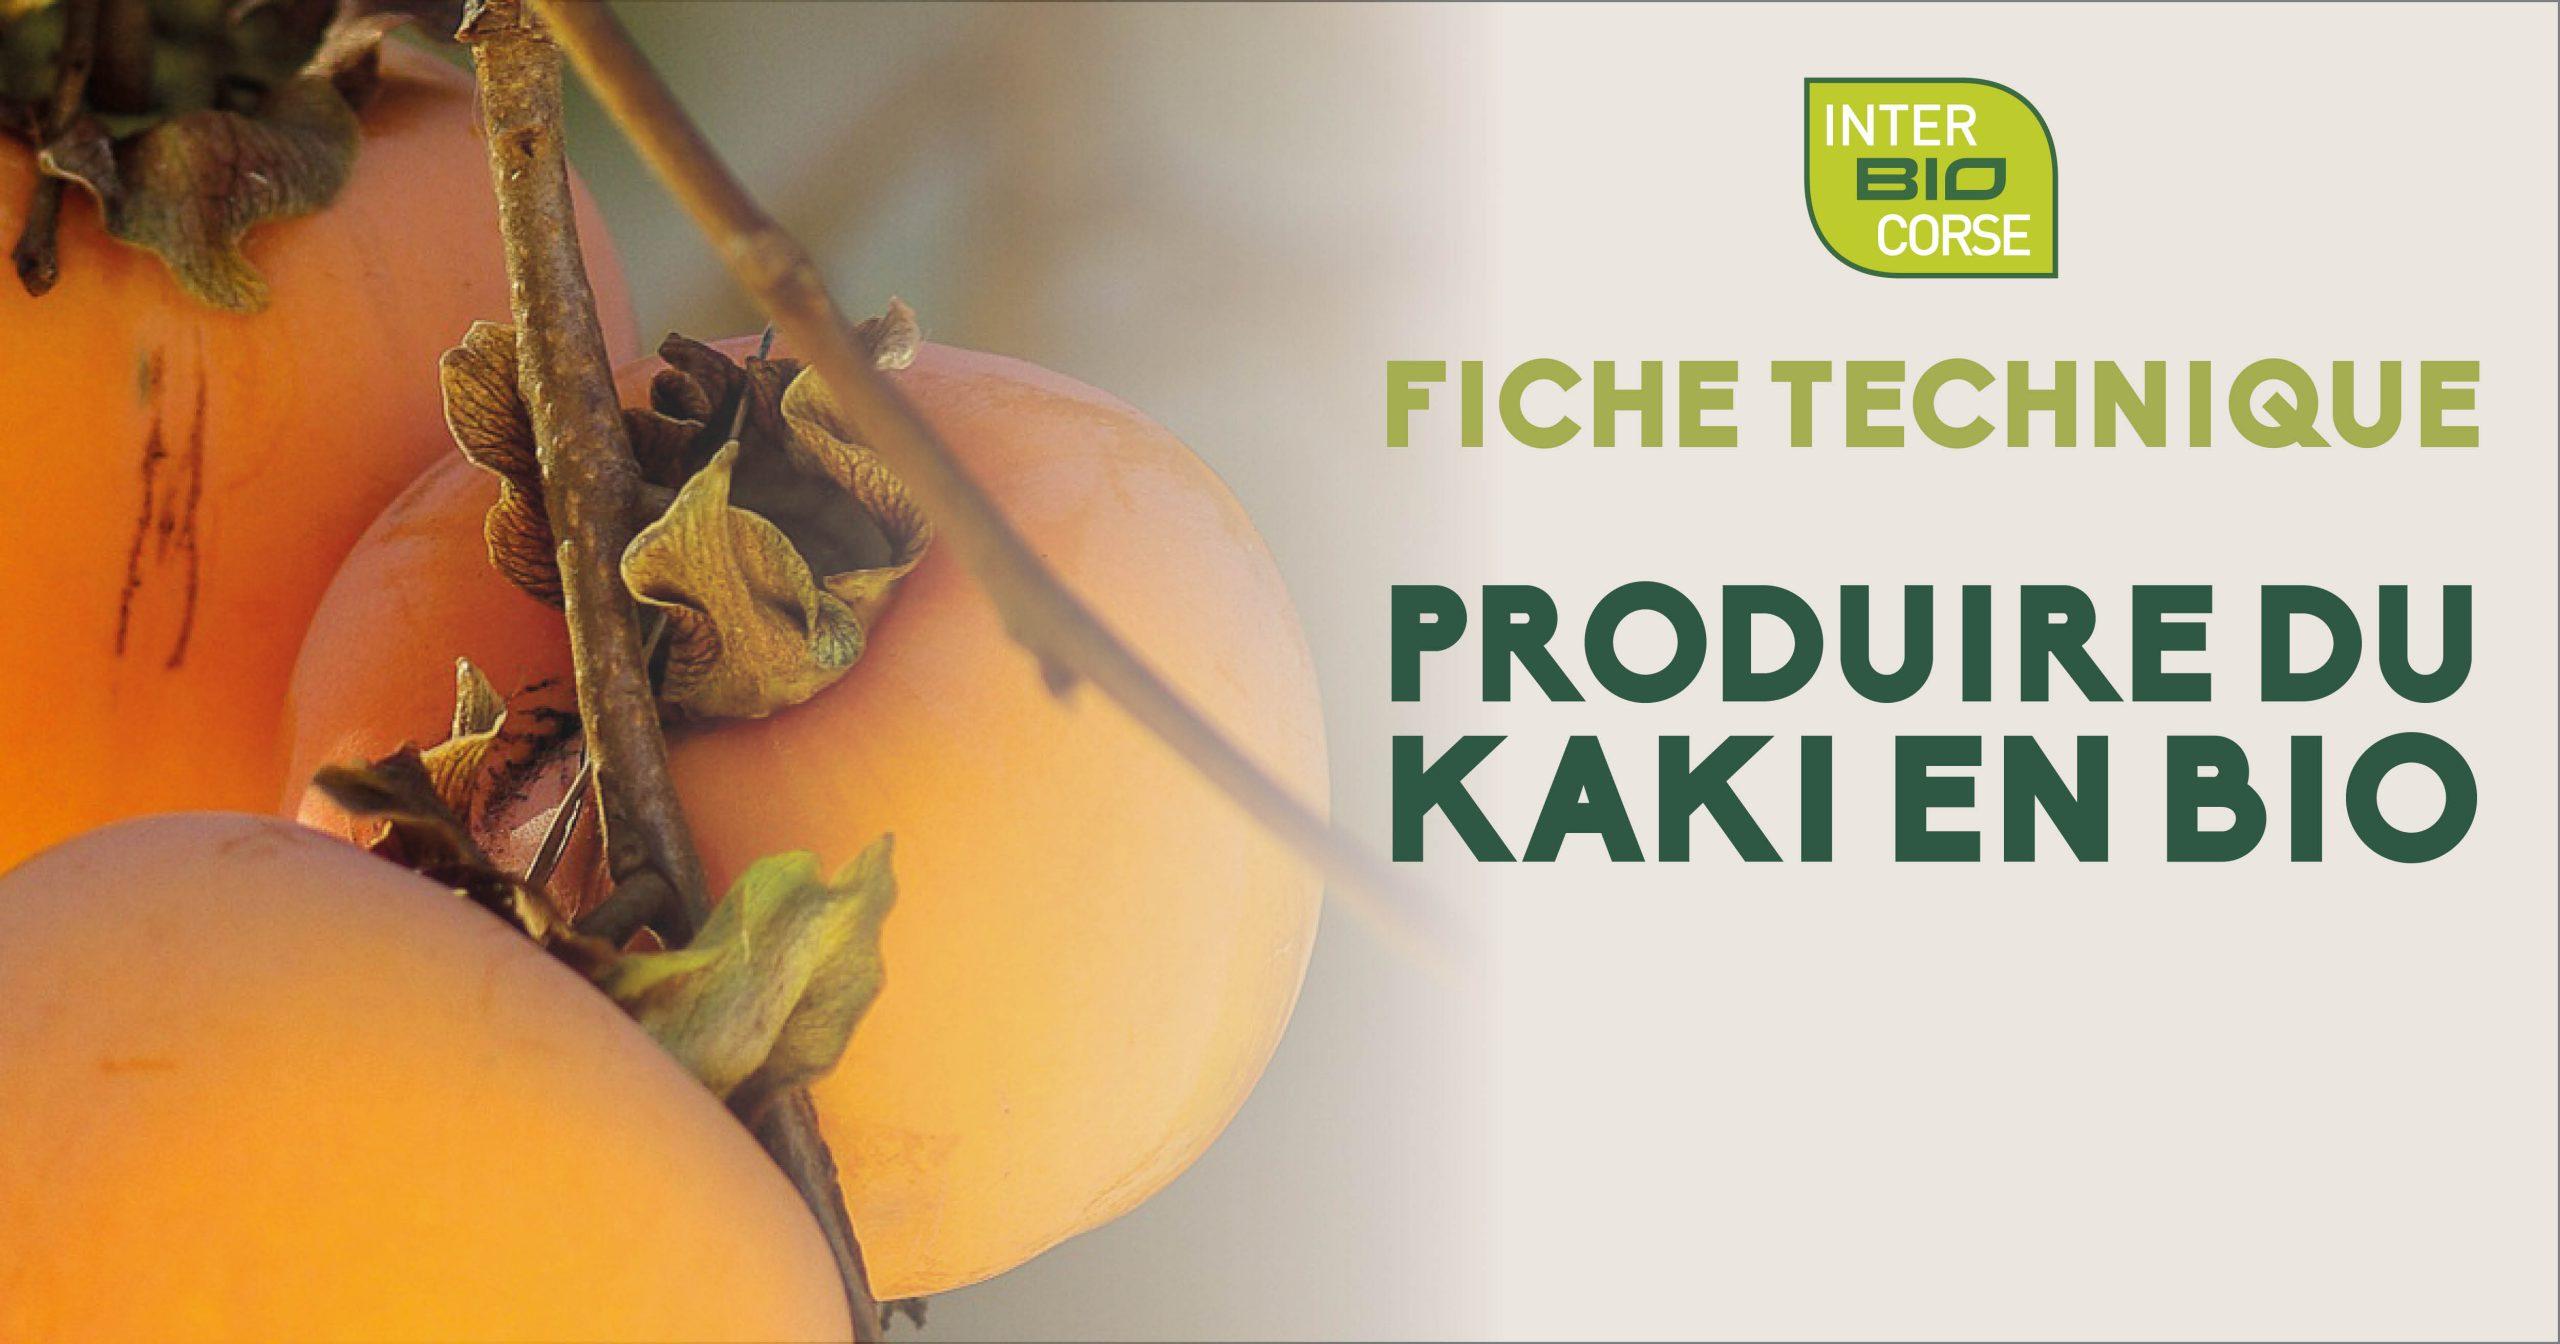 Pour découvrir comment produire du Kaki en agriculture biologique, Inter Bio a réalisé une fiche technique regroupant toutes les informations à connaître.